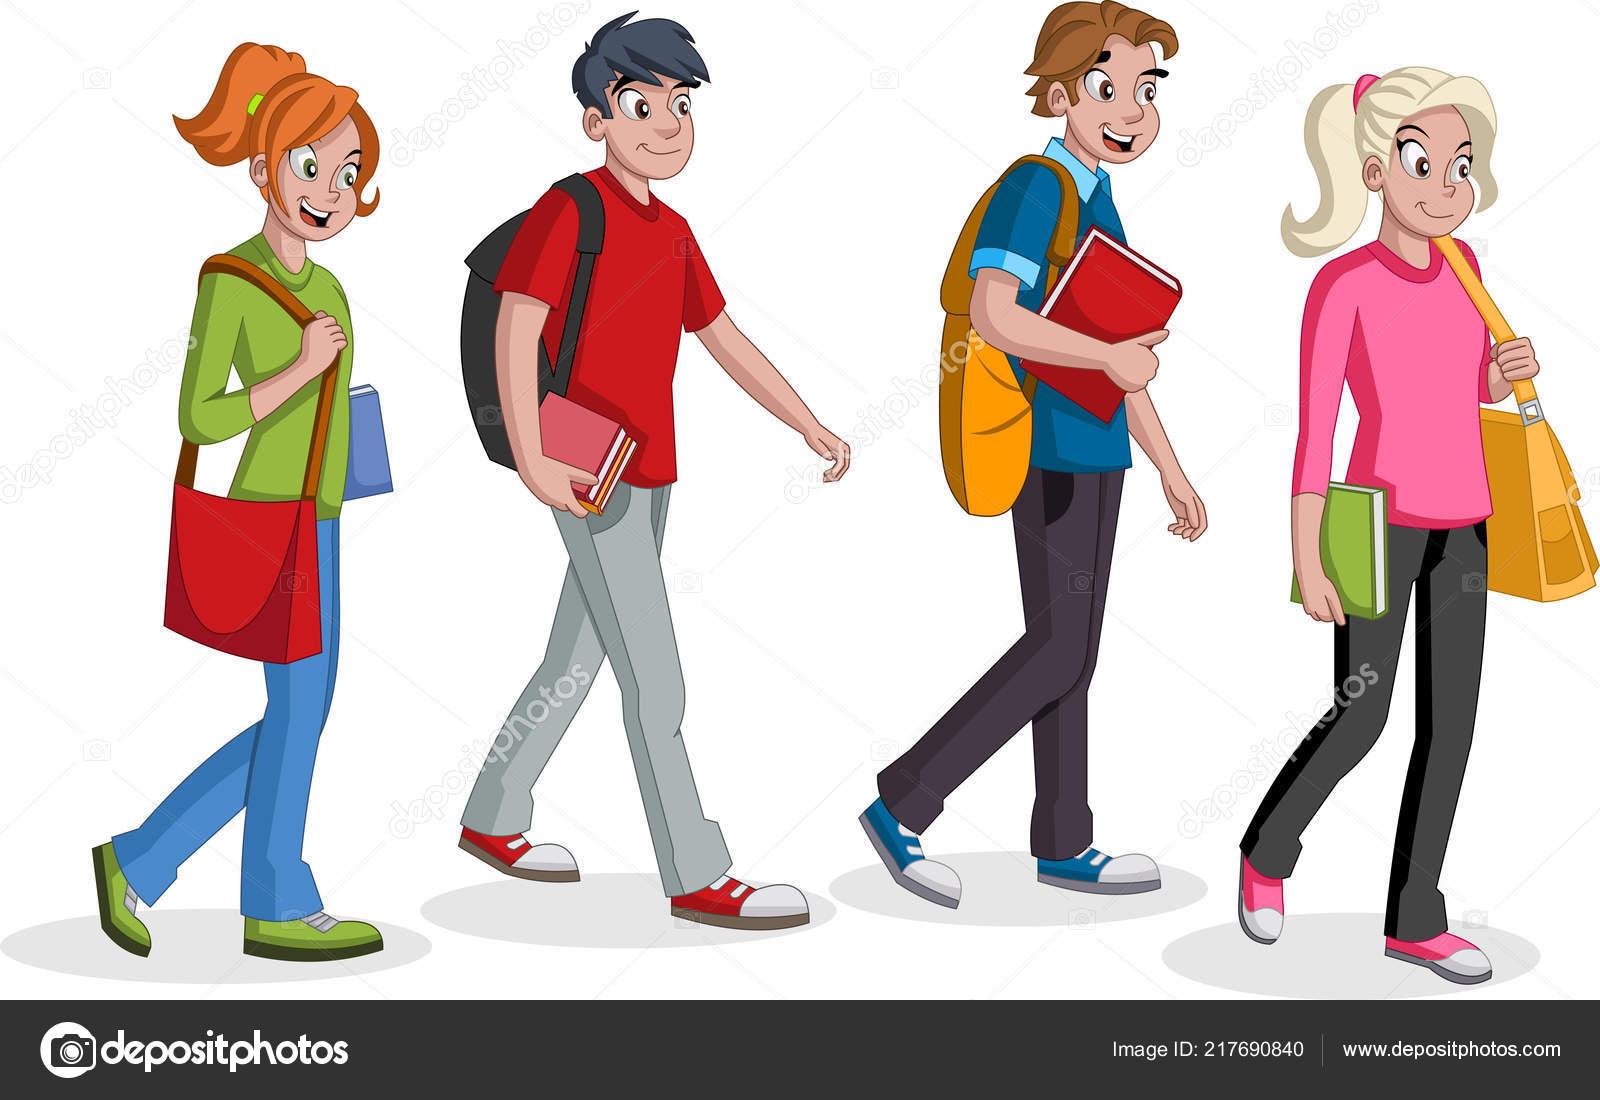 Estudiantes Adolescentes Caminando Jóvenes Dibujos